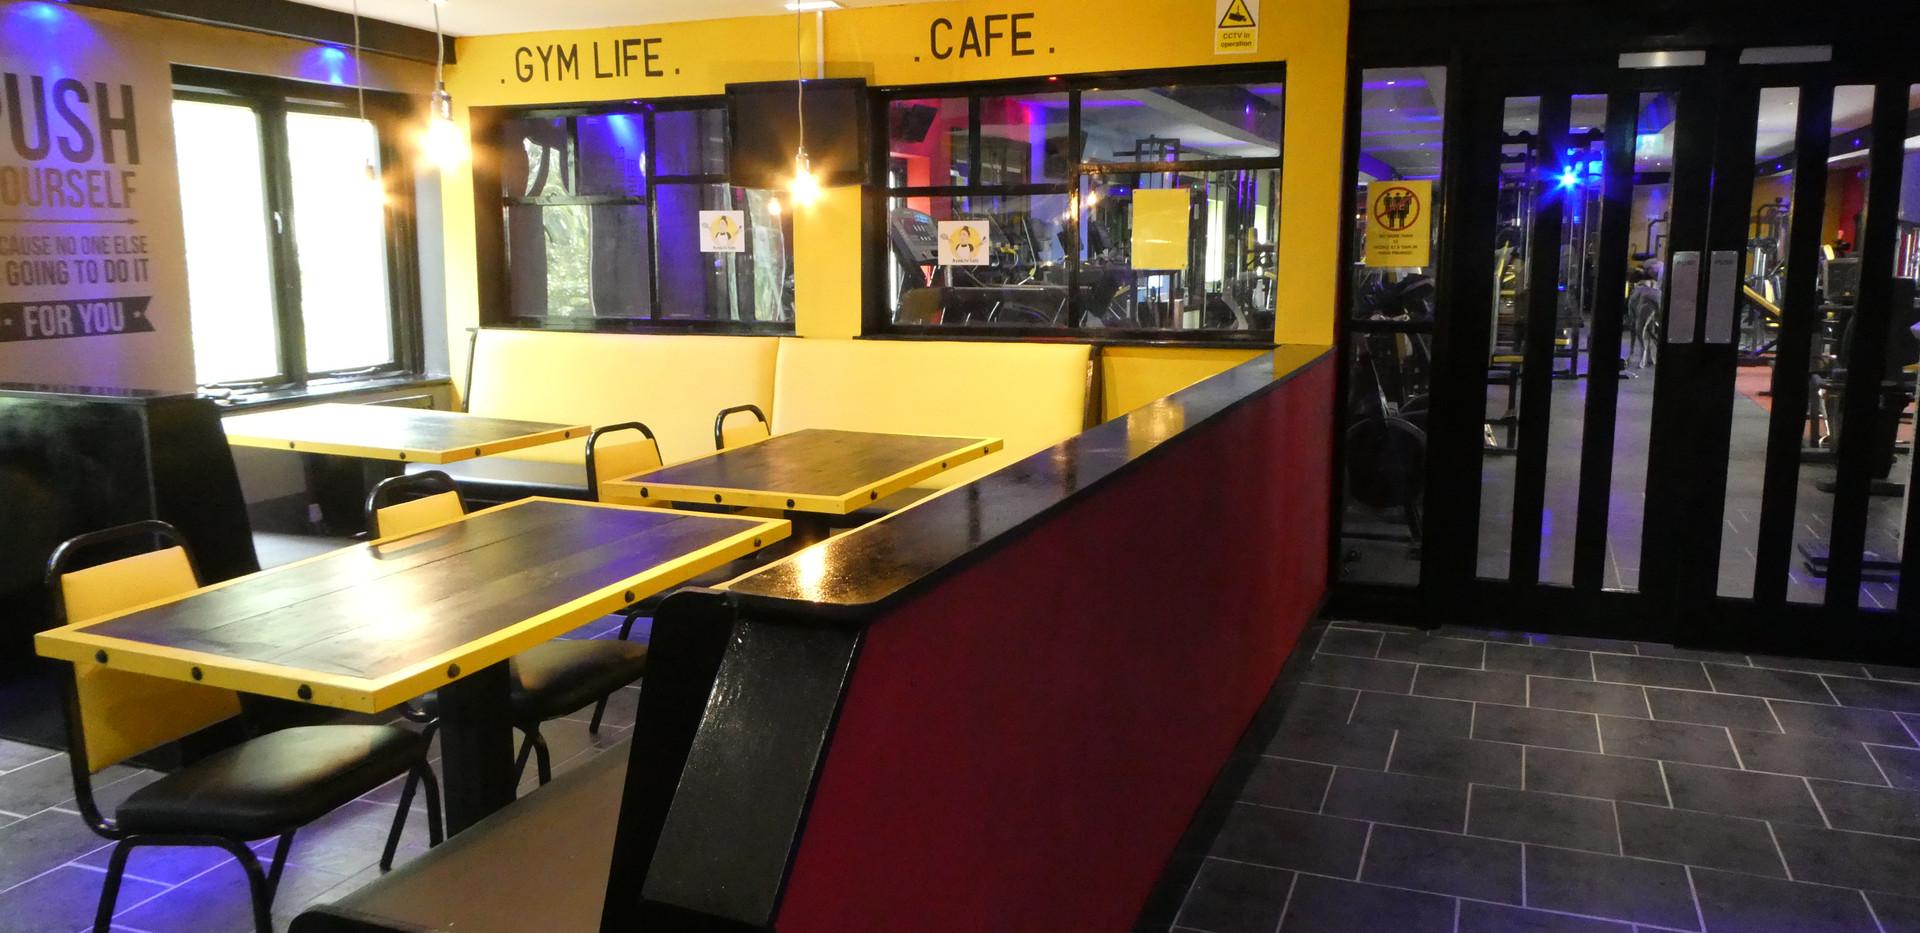 Entrance Foyet/Cafe